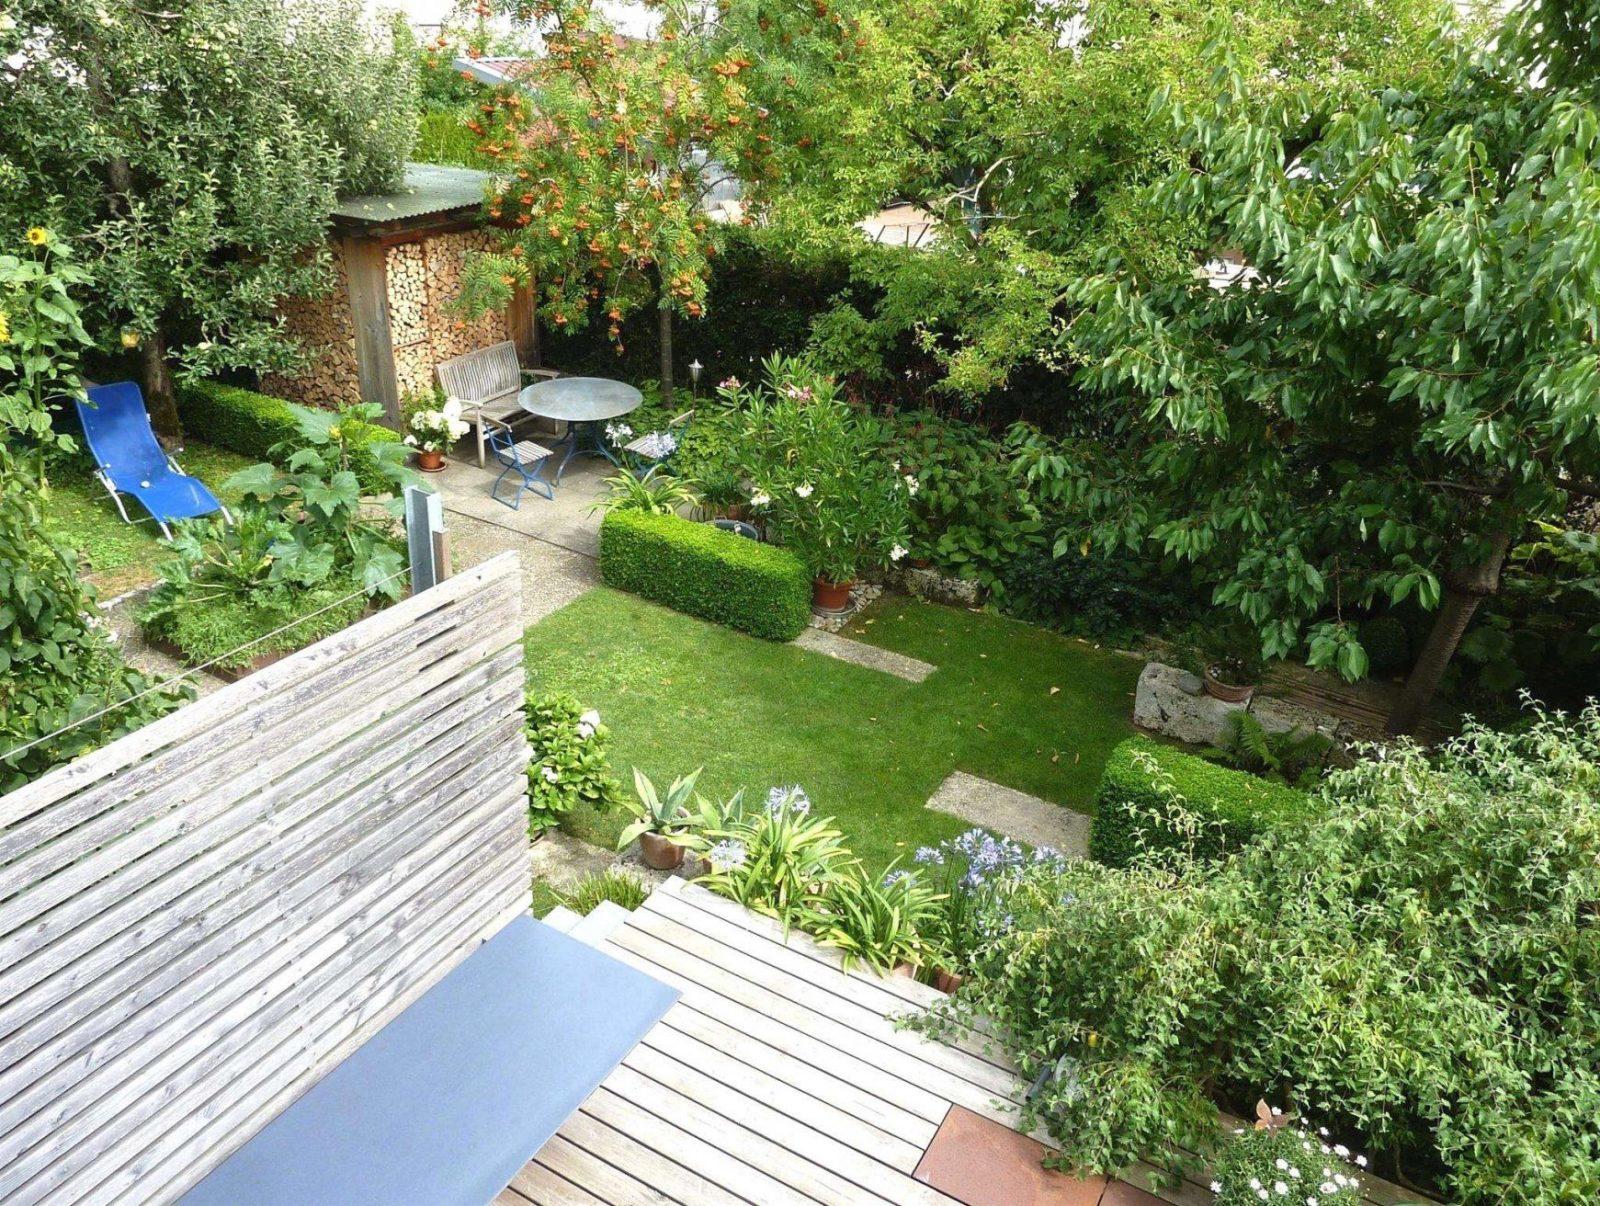 Kleine Innenhfe Gestalten Erkunde Garten Terrasse Innenhof Und Noch von Gartengestaltung Kleine Gärten Ohne Rasen Photo